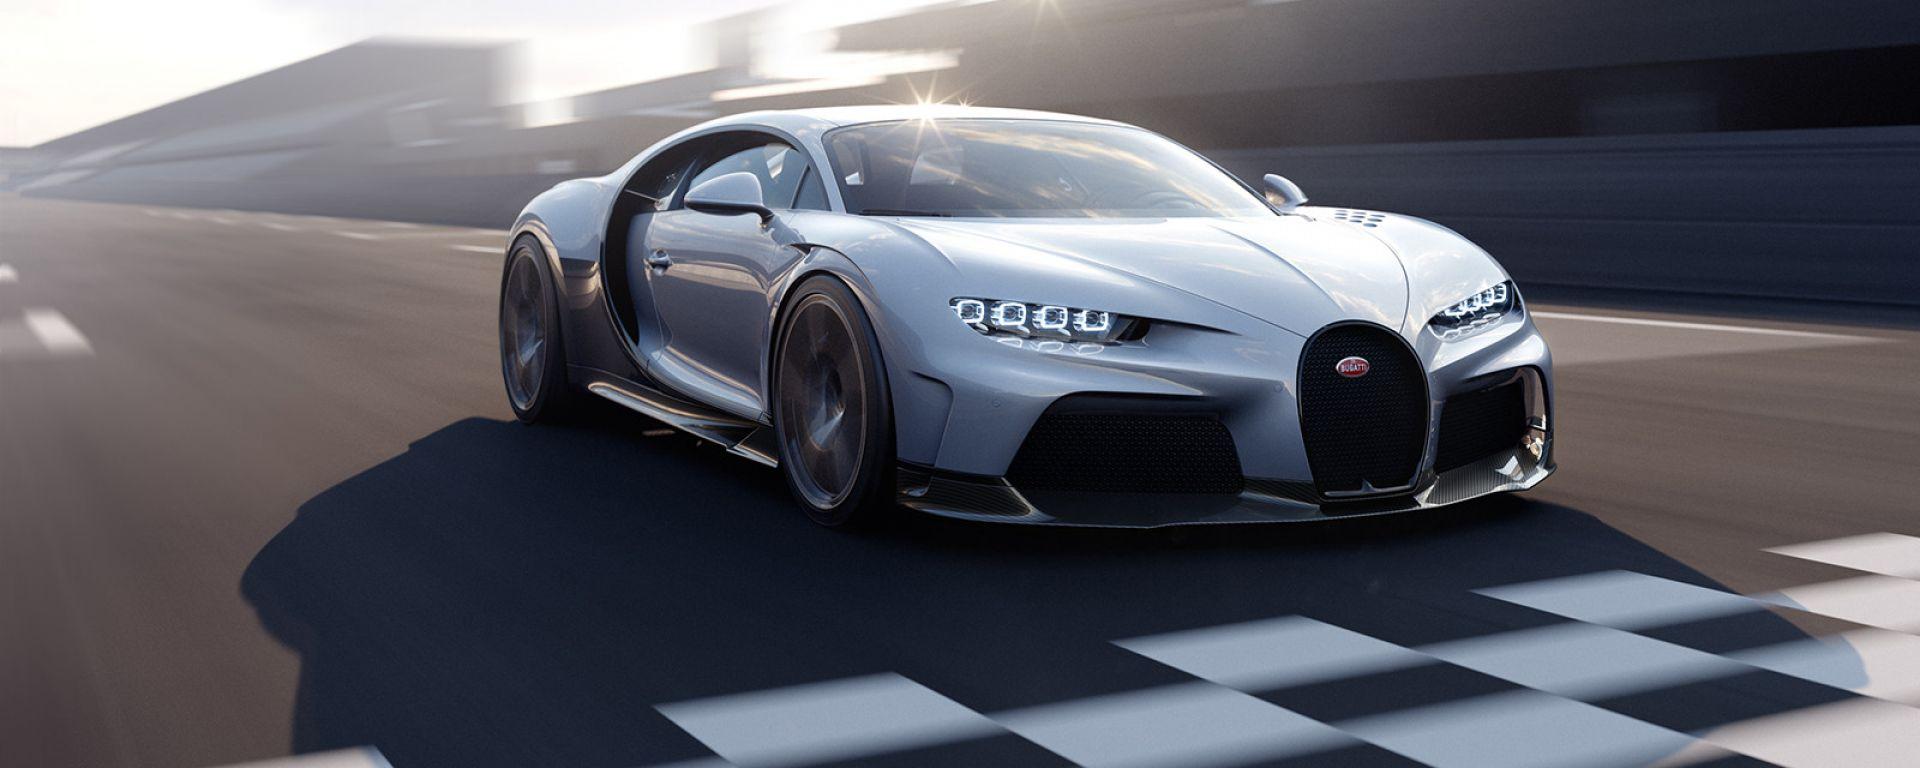 Nuova Bugatti Chiron Super Sport: l'ultima nata nell'atelier di Molsheim